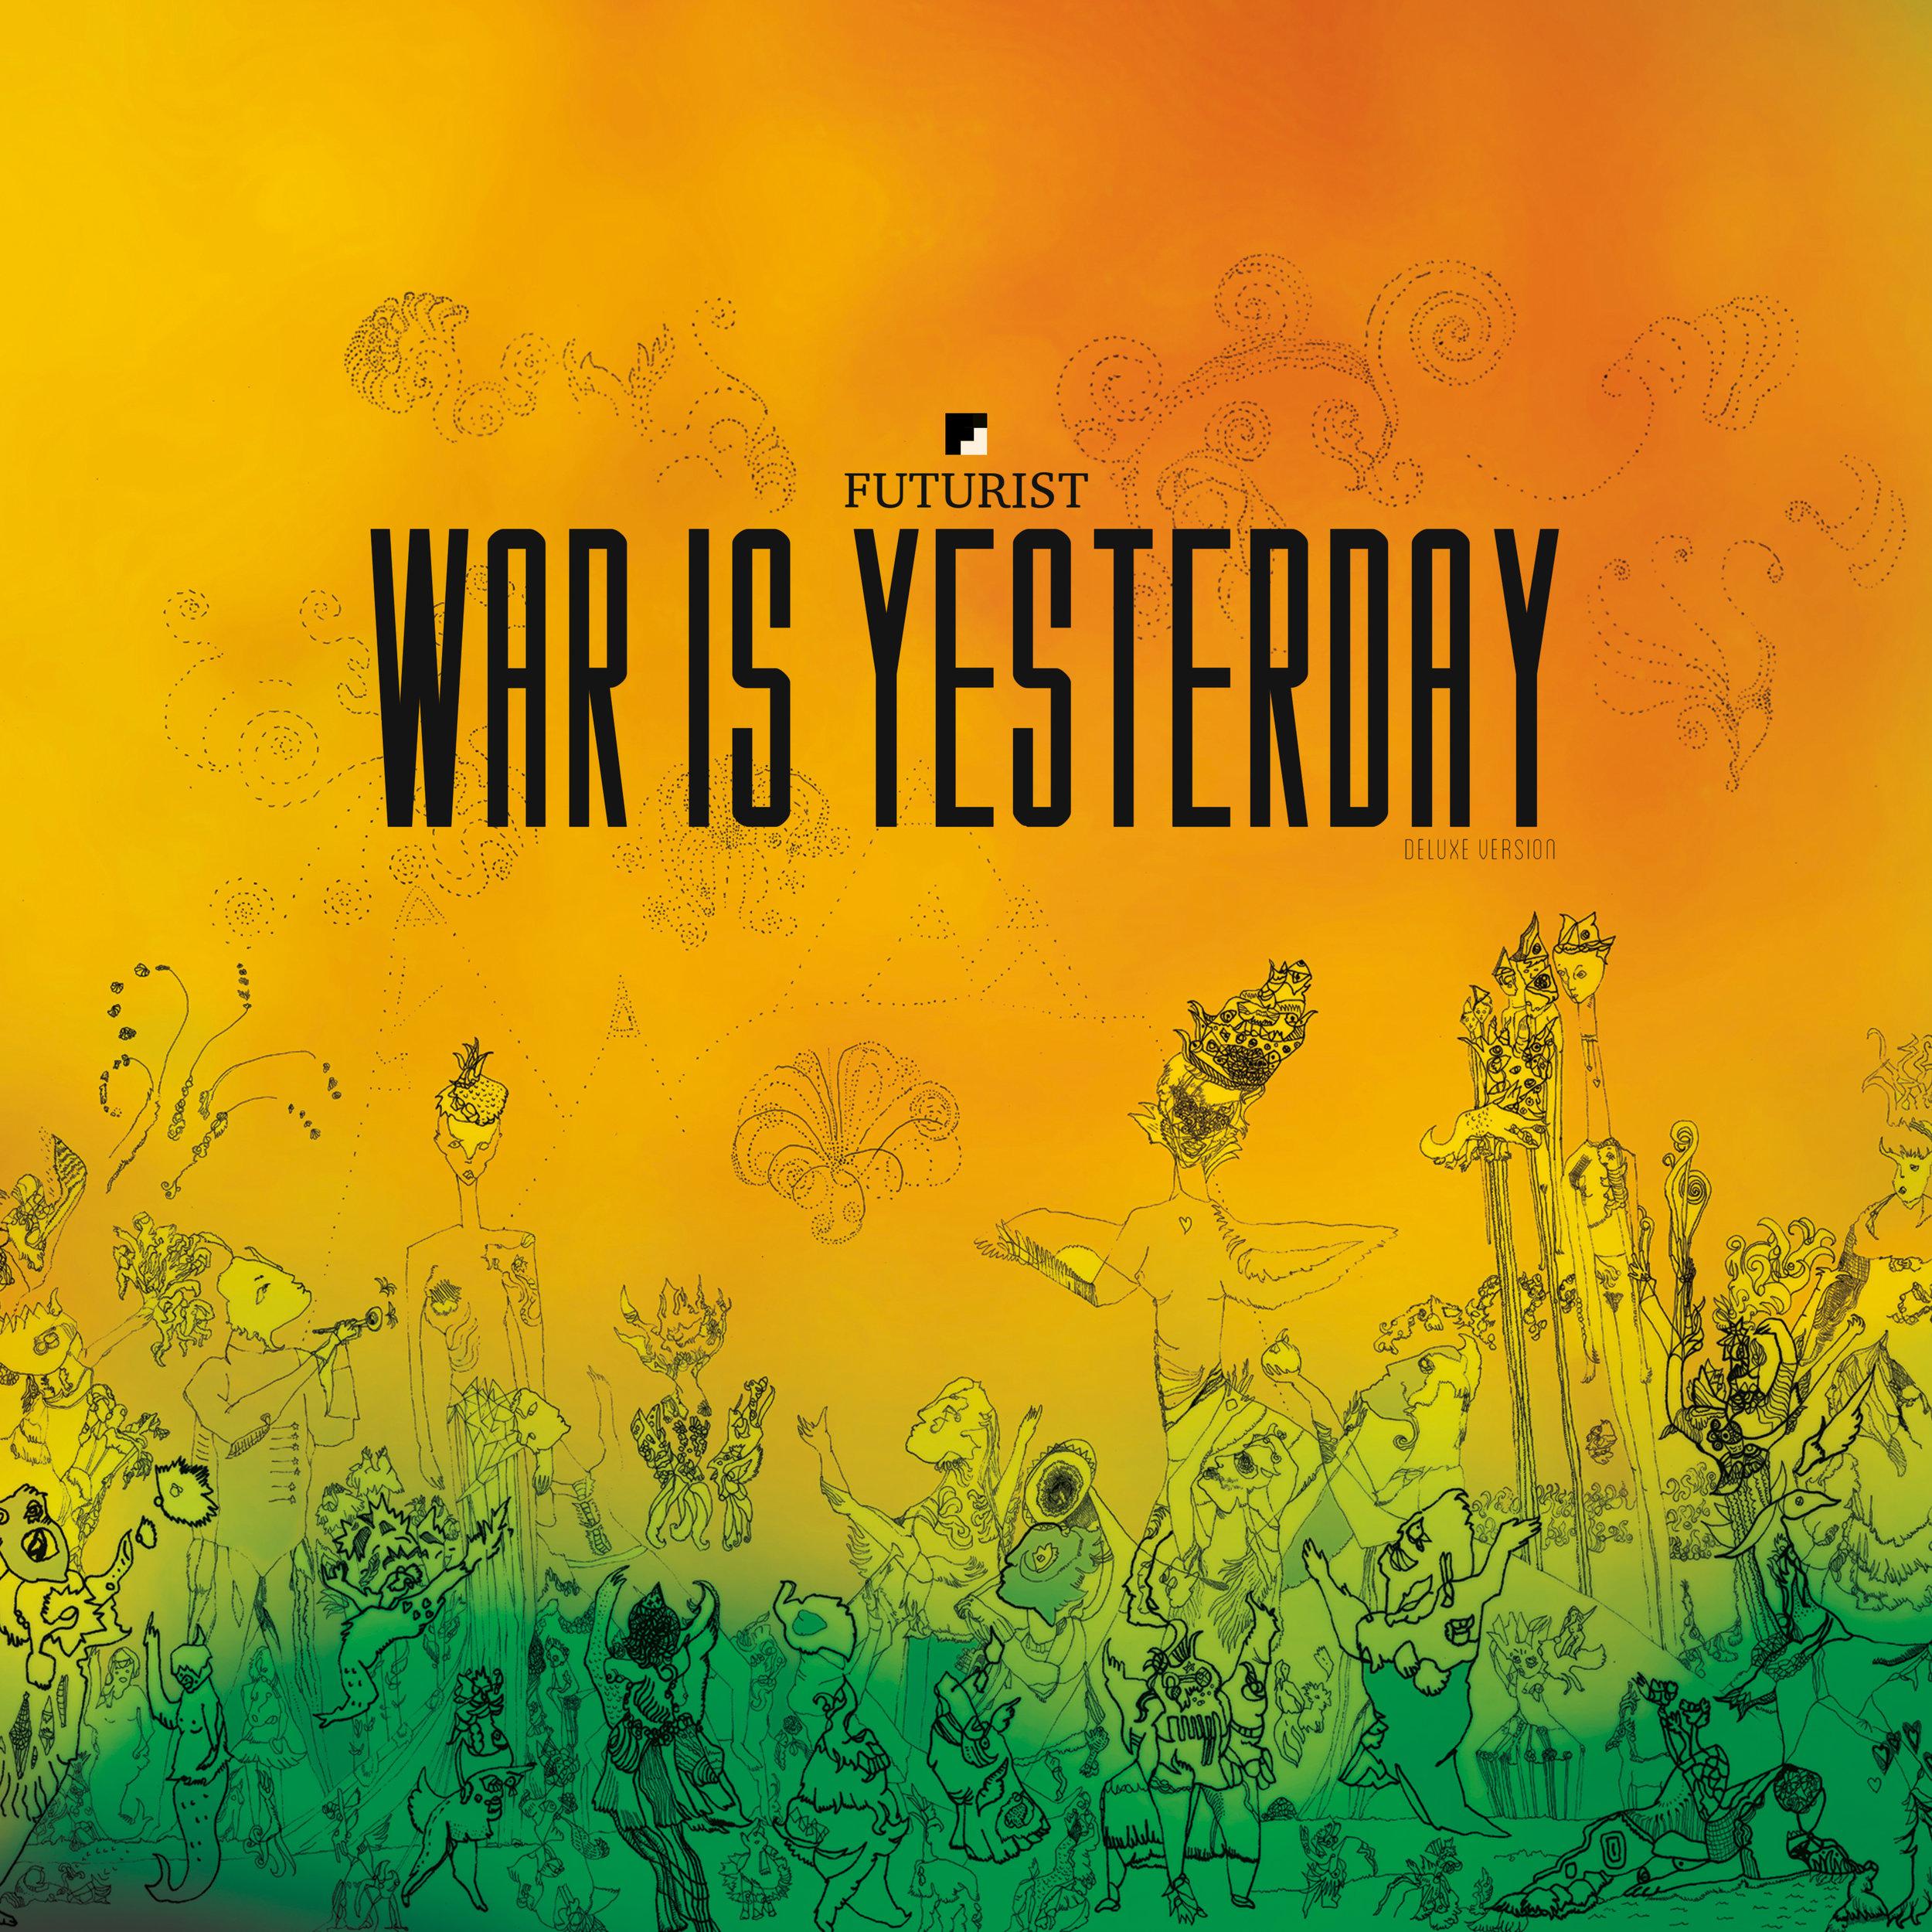 Futurist_War_Is_Yesterday.jpg